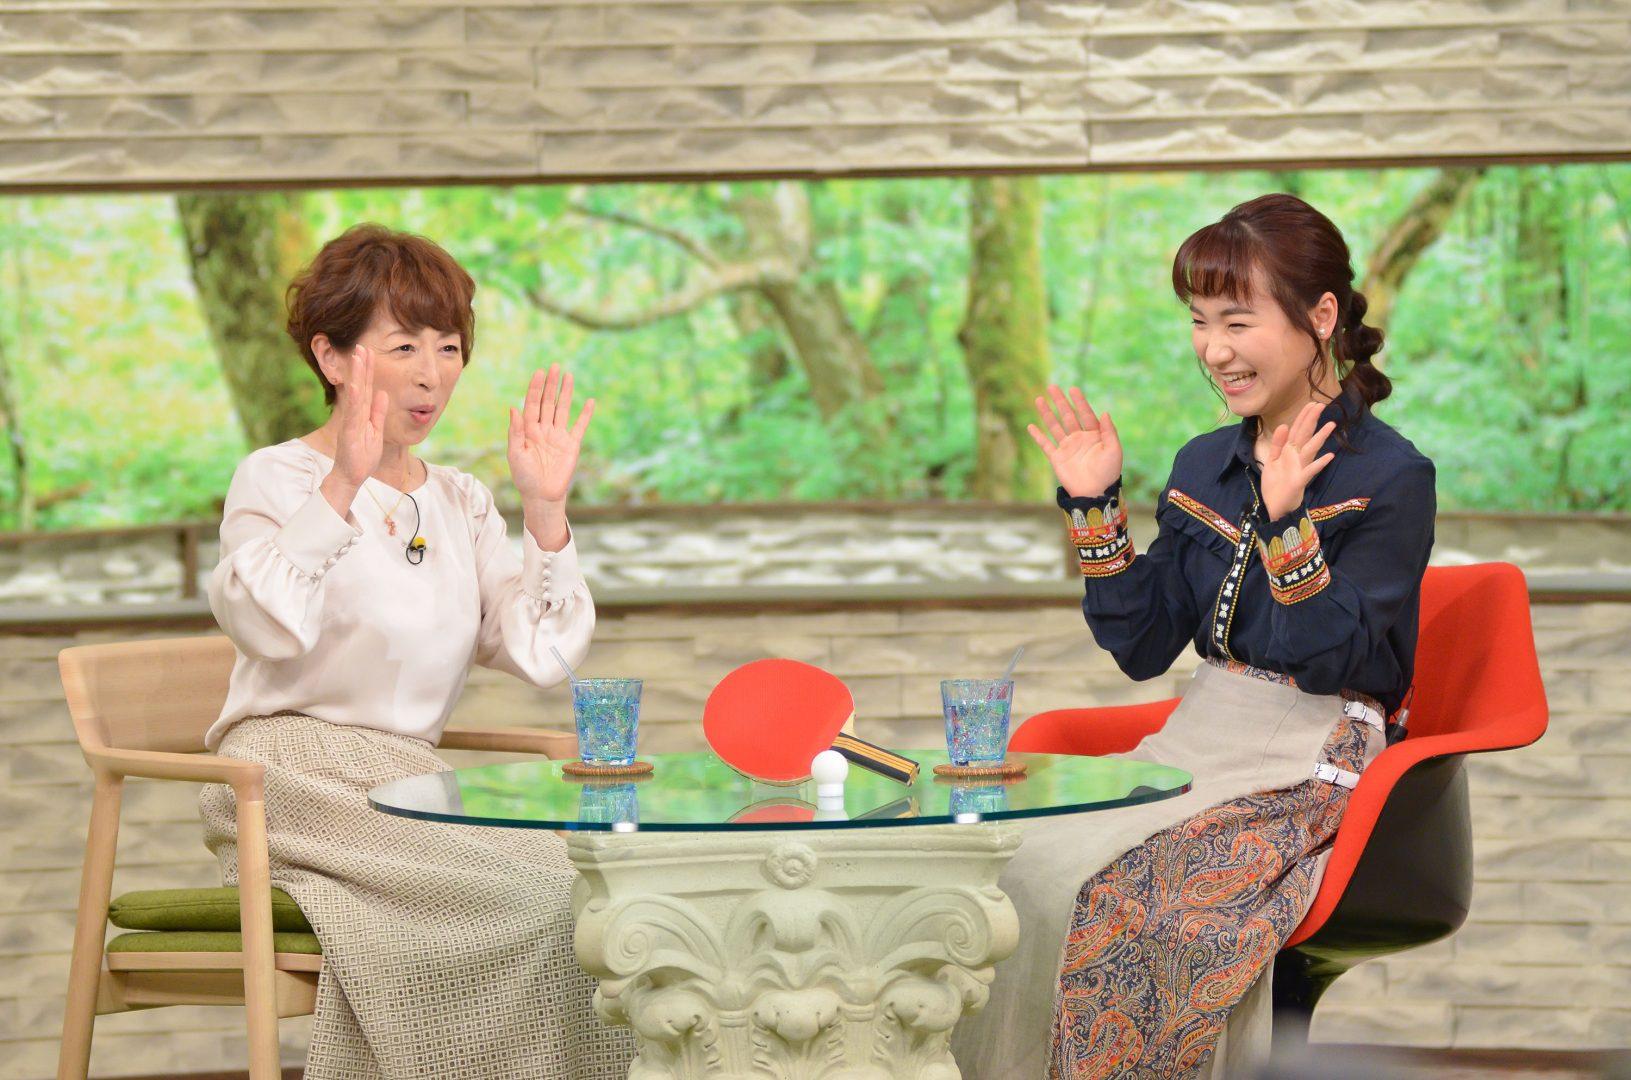 【卓球】伊藤美誠が『サワコの朝』で心に響く曲を発表